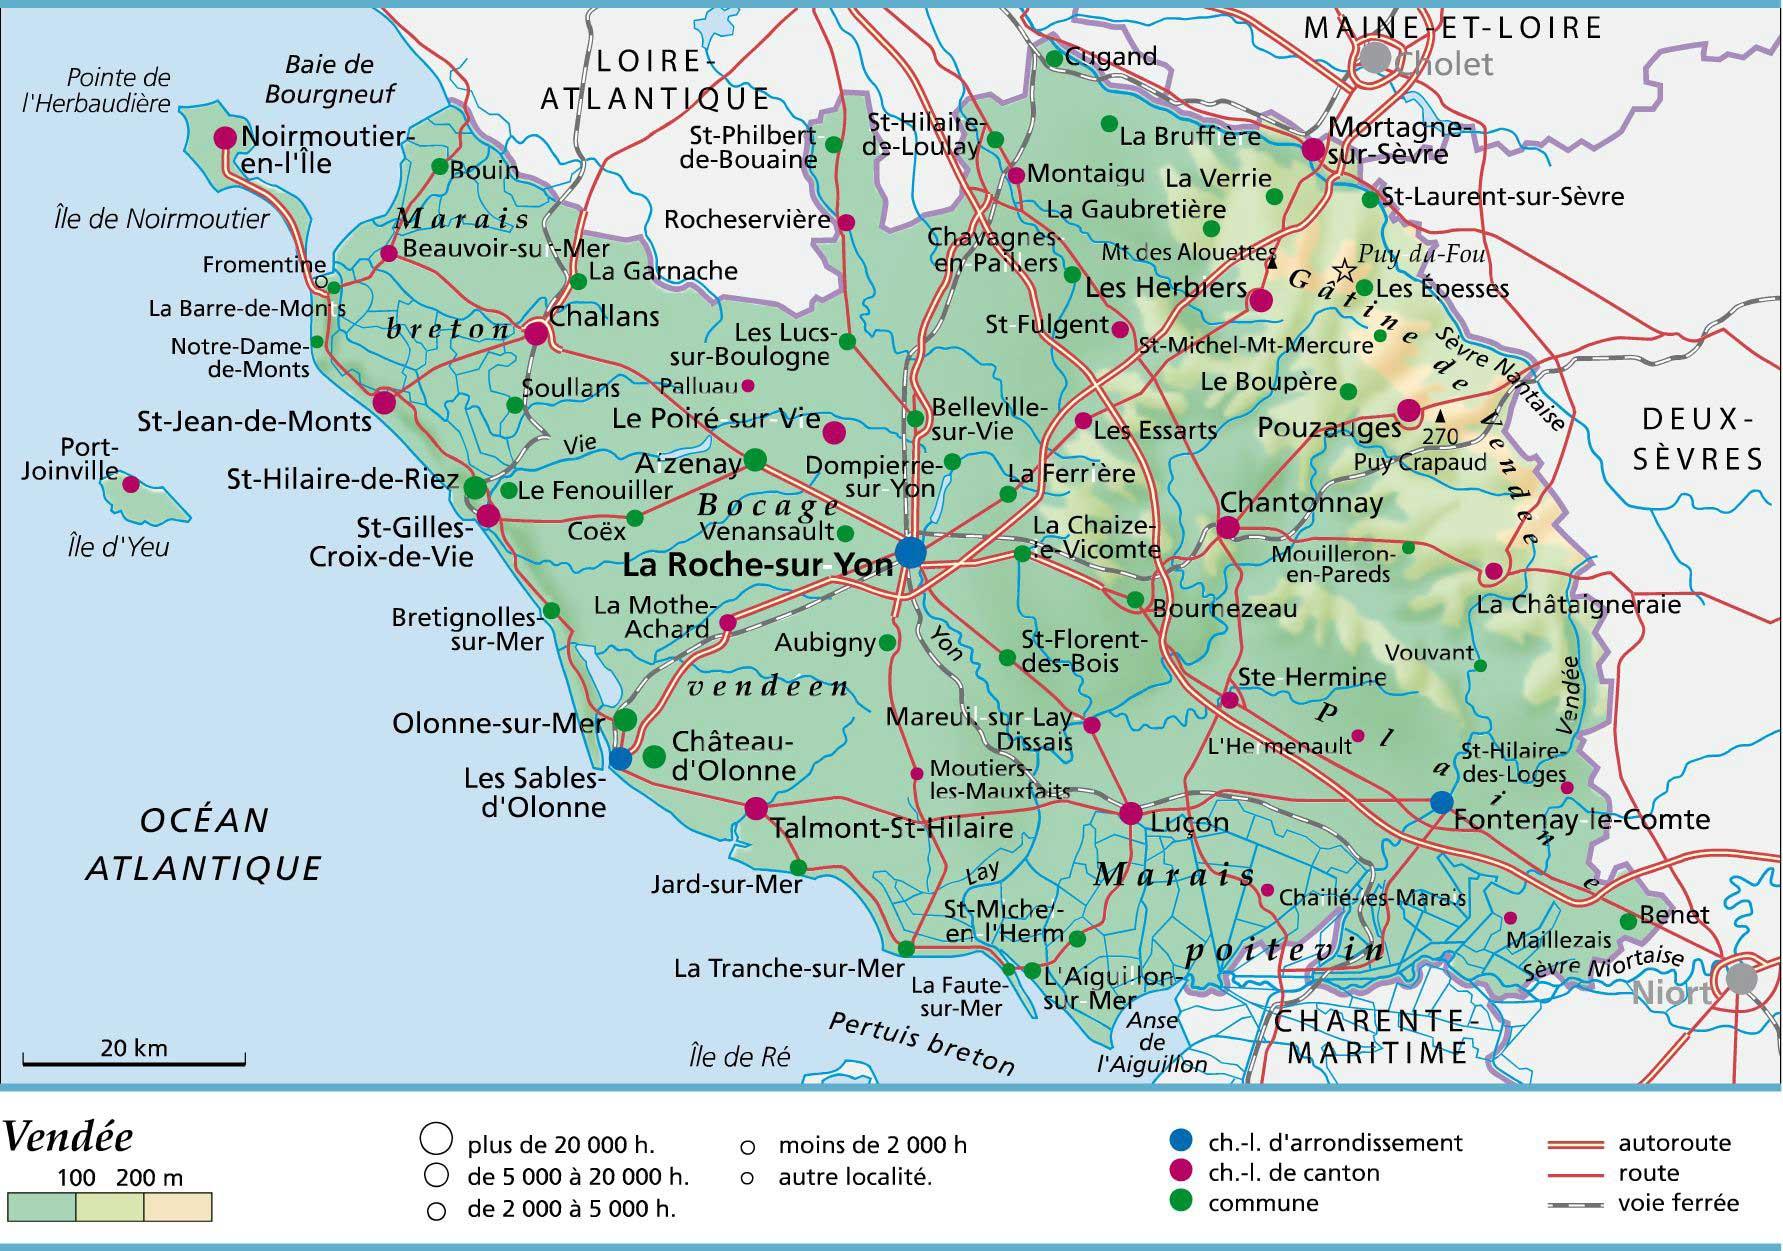 Carte Loire Atlantique Vendee.Carte Departement Vendee Vacances Arts Guides Voyages